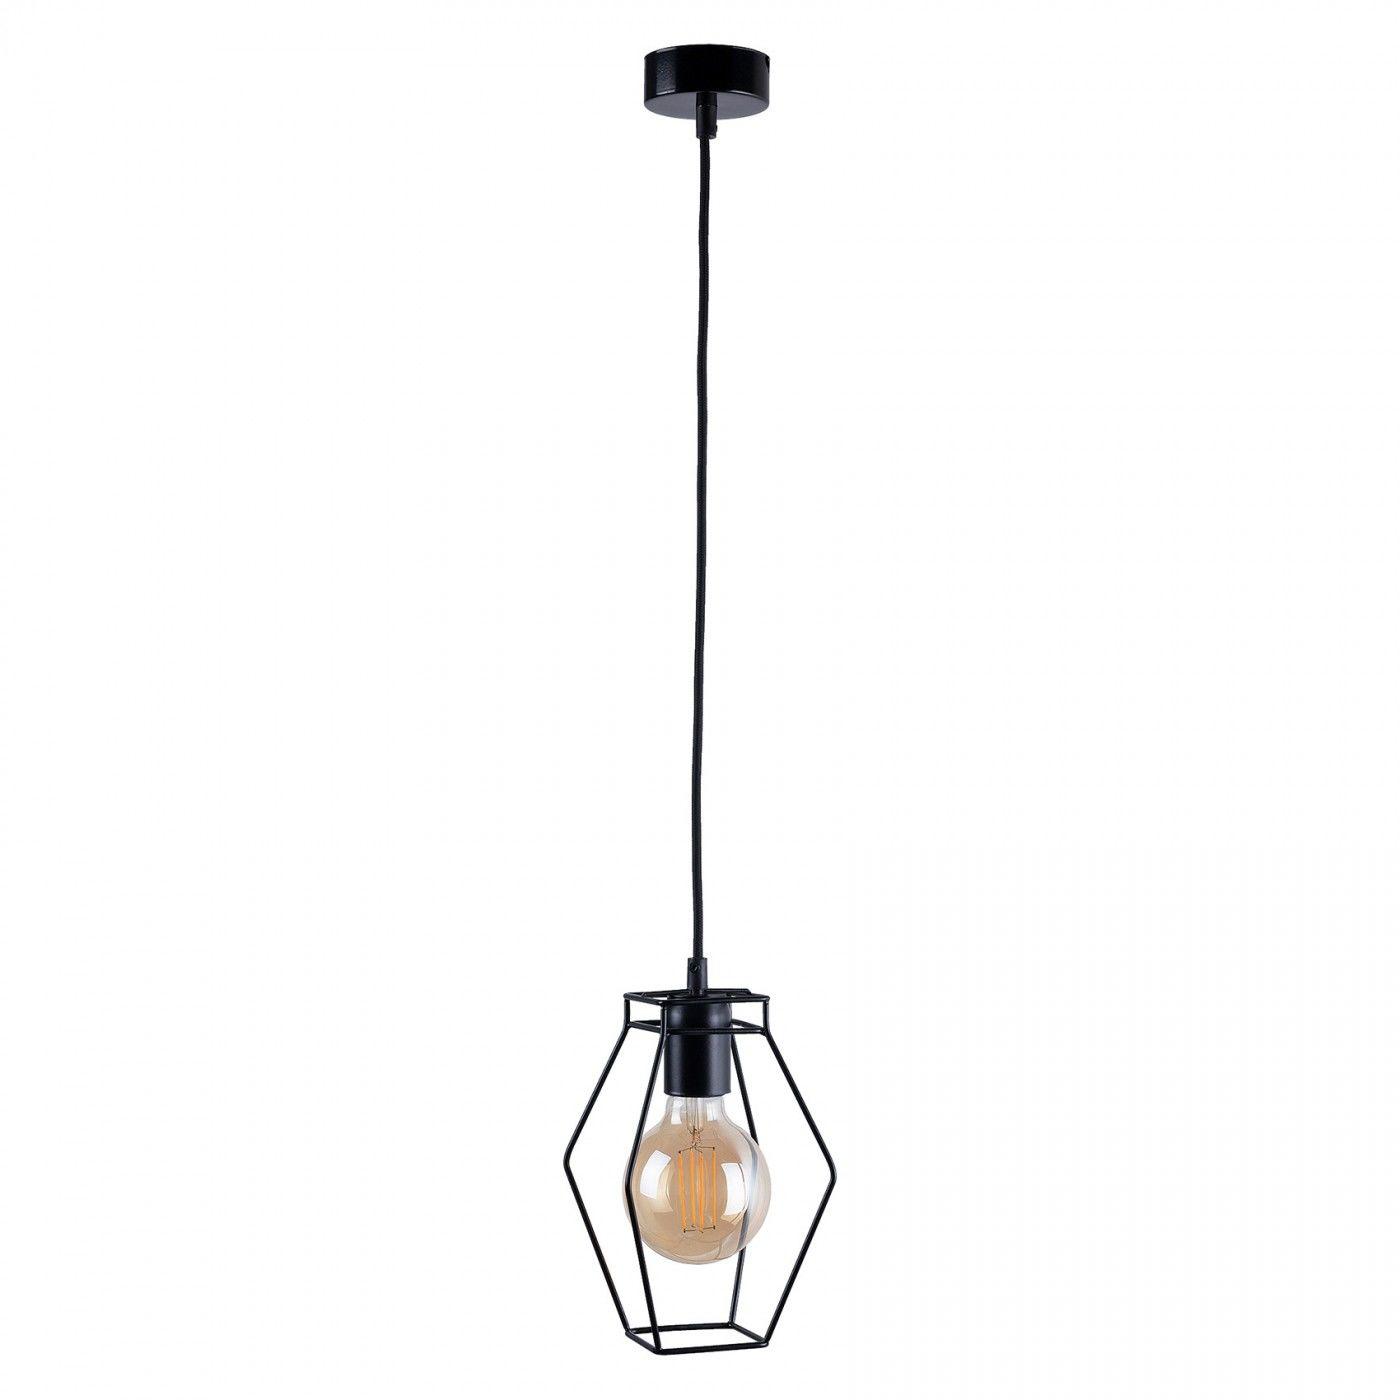 Lampa wisząca Fiord 9670 Nowodvorski Lighting pojedynczy czarny zwis w nowoczesnym stylu